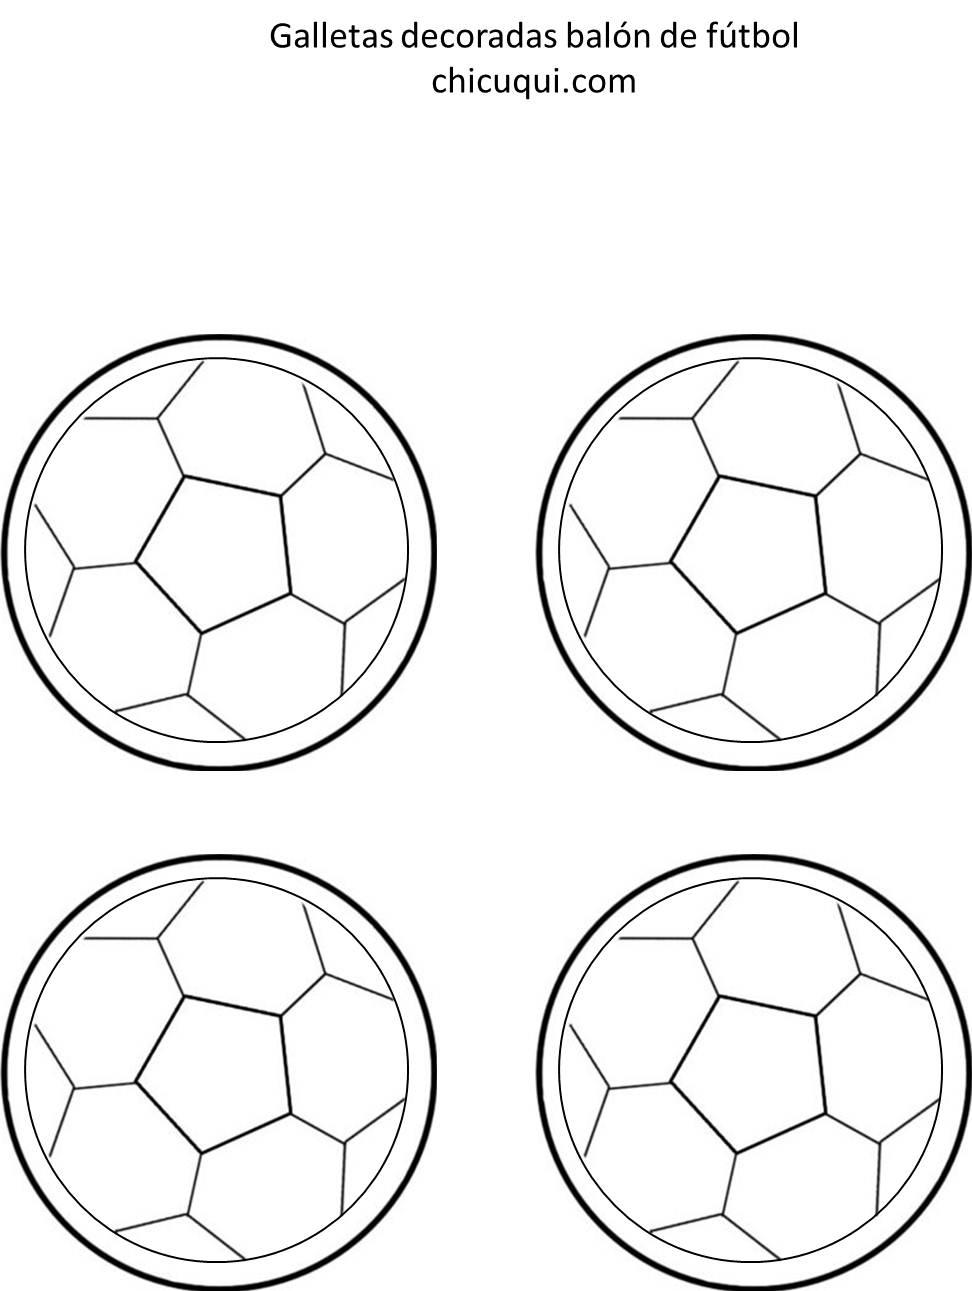 Un balón de futbol, en galletas decoradas   chicuqui